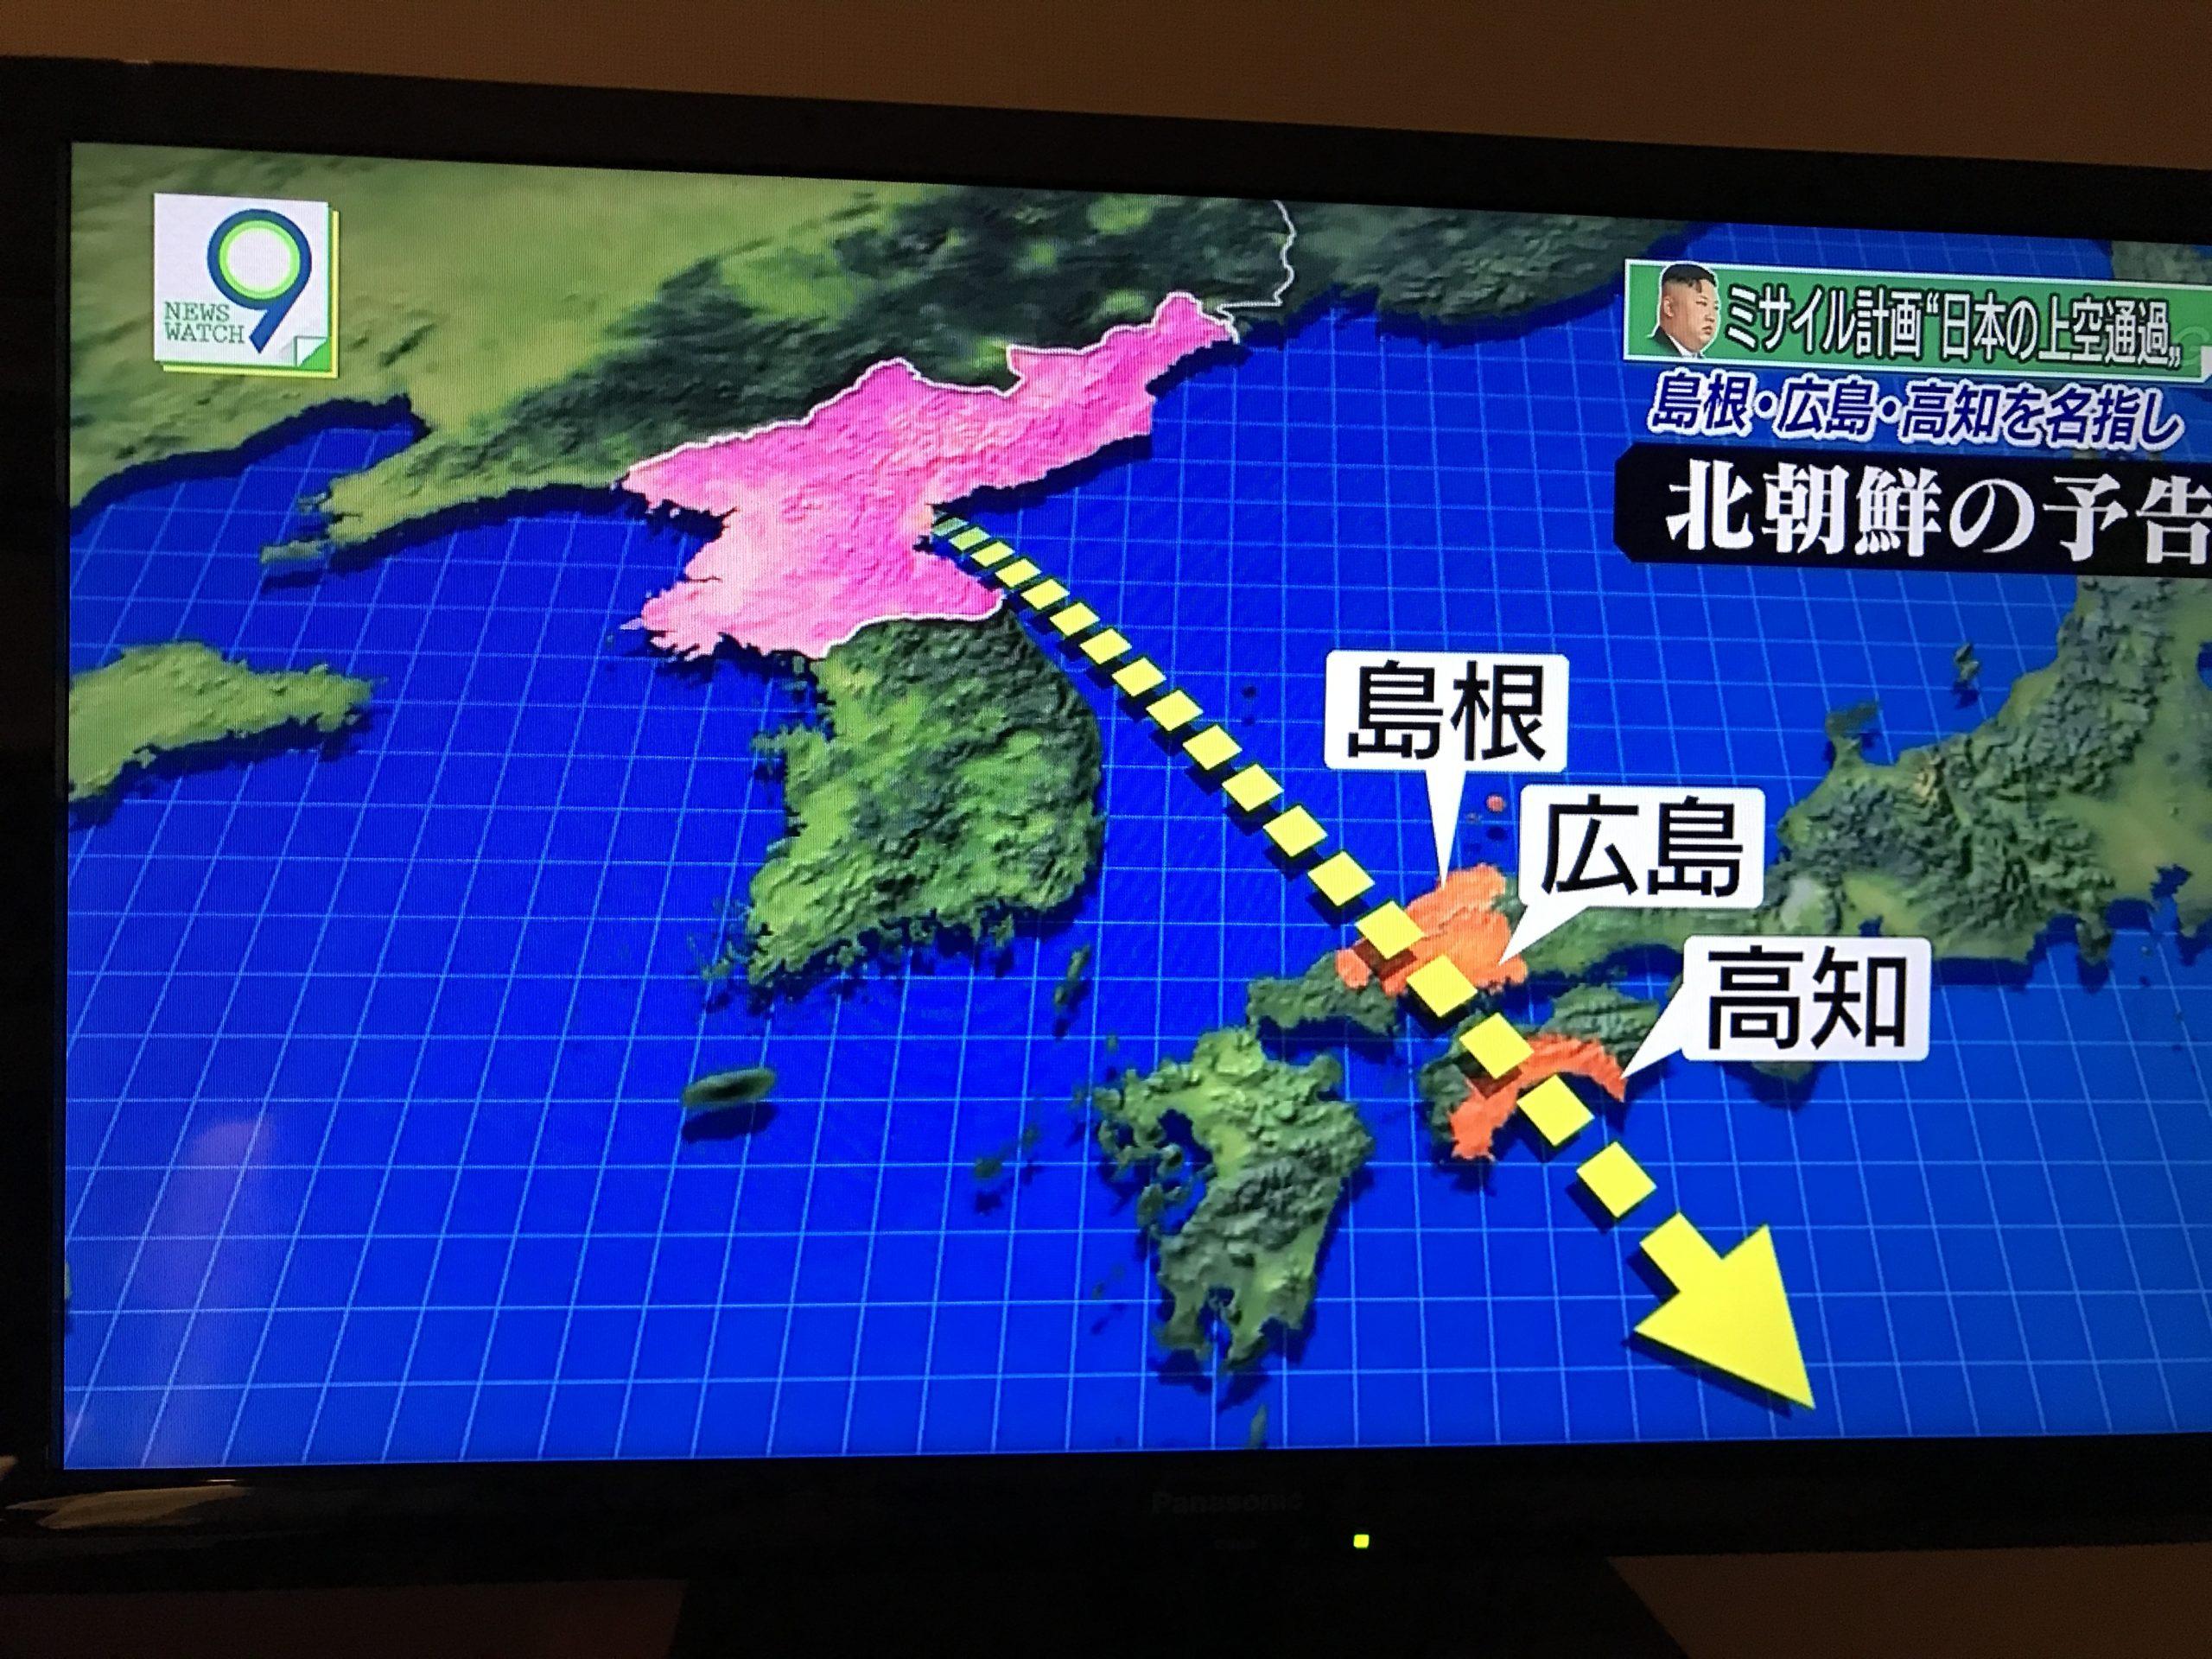 北朝鮮のミサイルを迎撃しないと